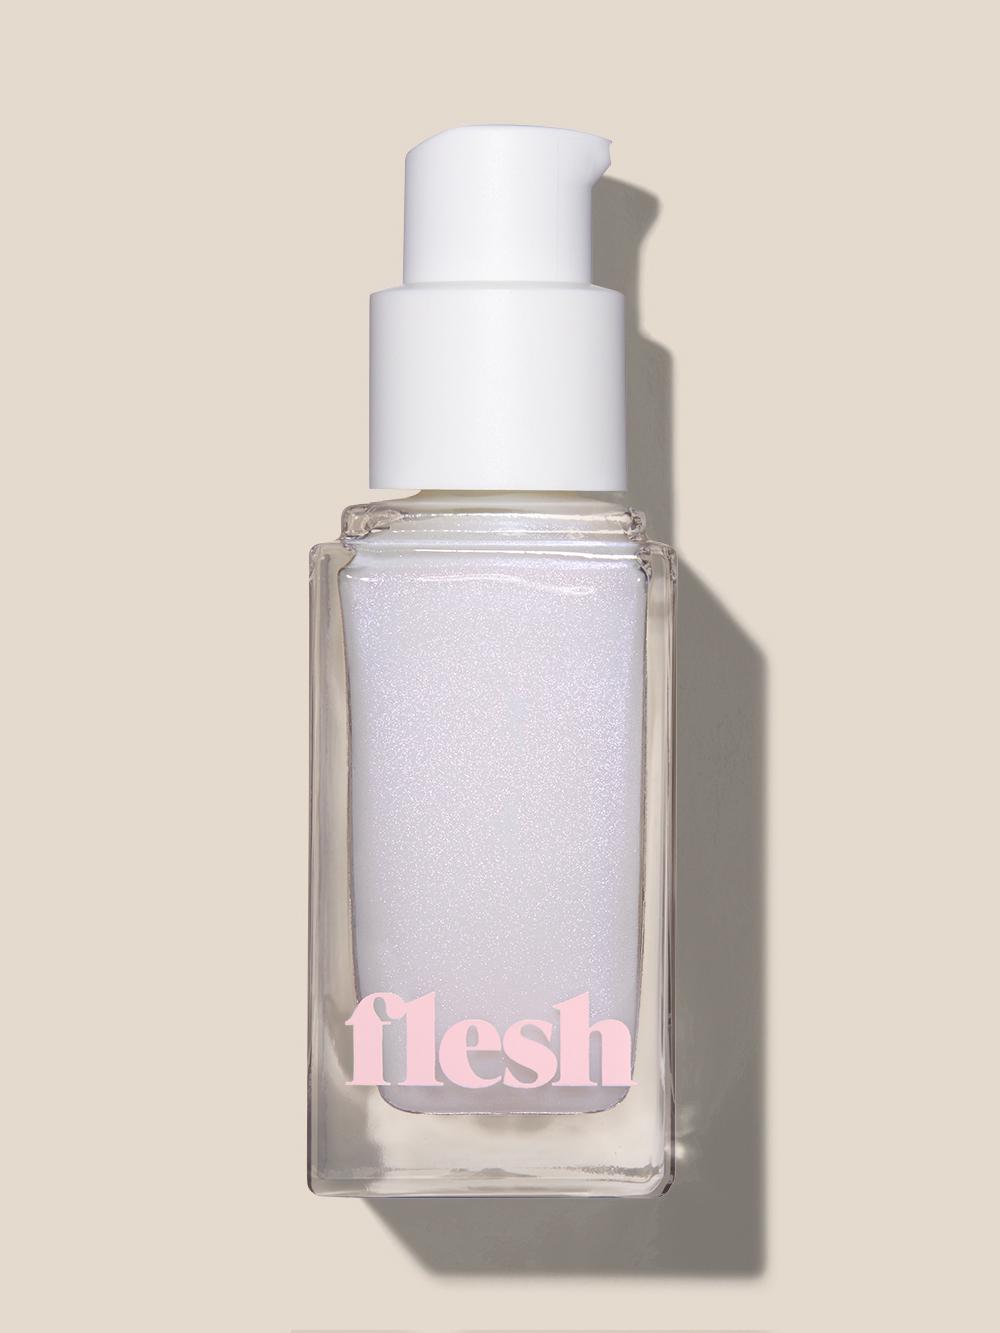 Fresh Flesh